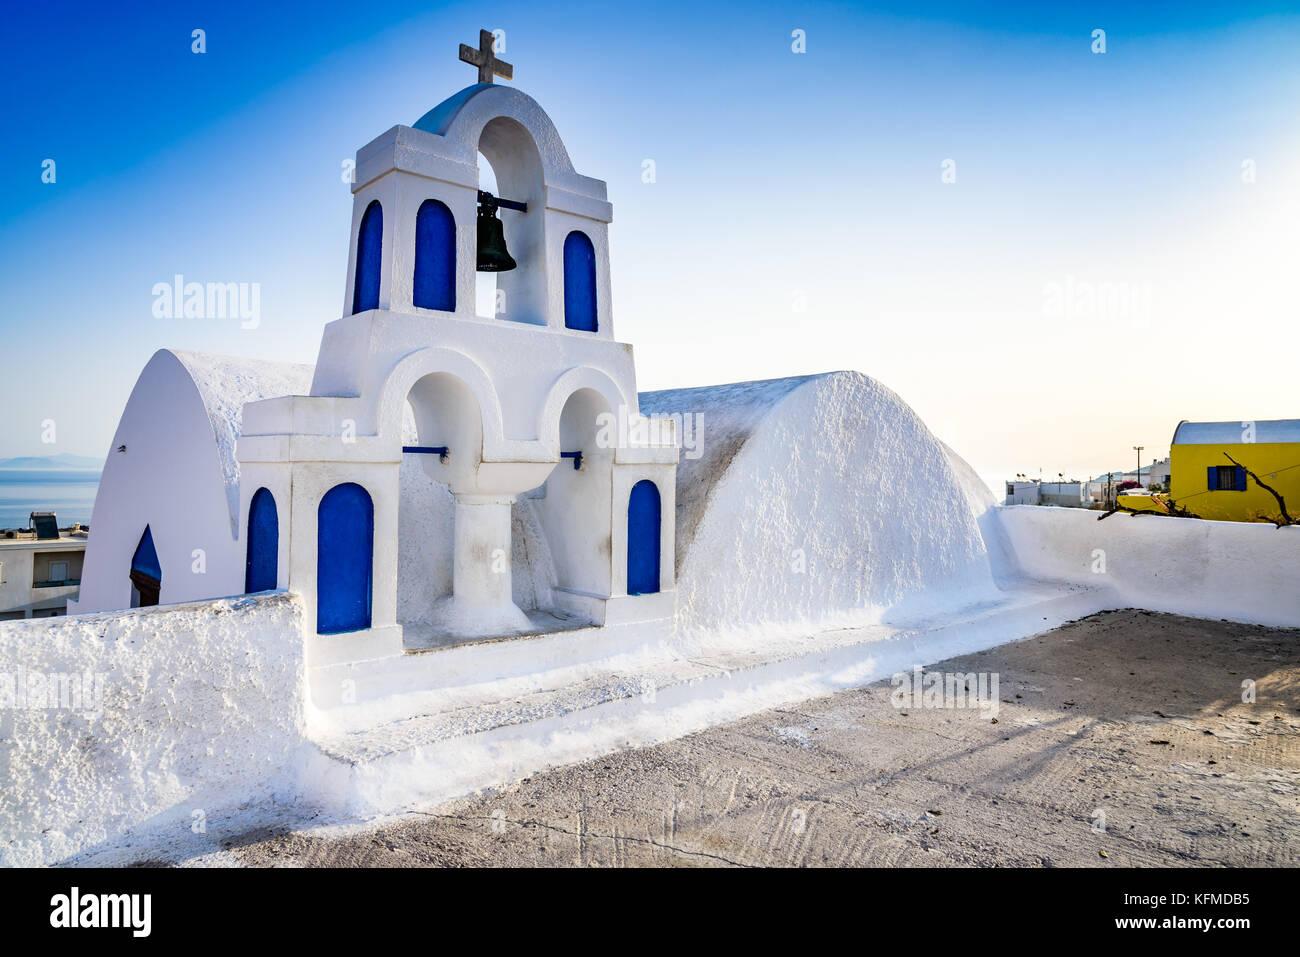 Oia, SANTORINI - Grecia. Famosa atracción de pueblo blanco, con calles empedradas, griego de las islas Cícladas, Imagen De Stock